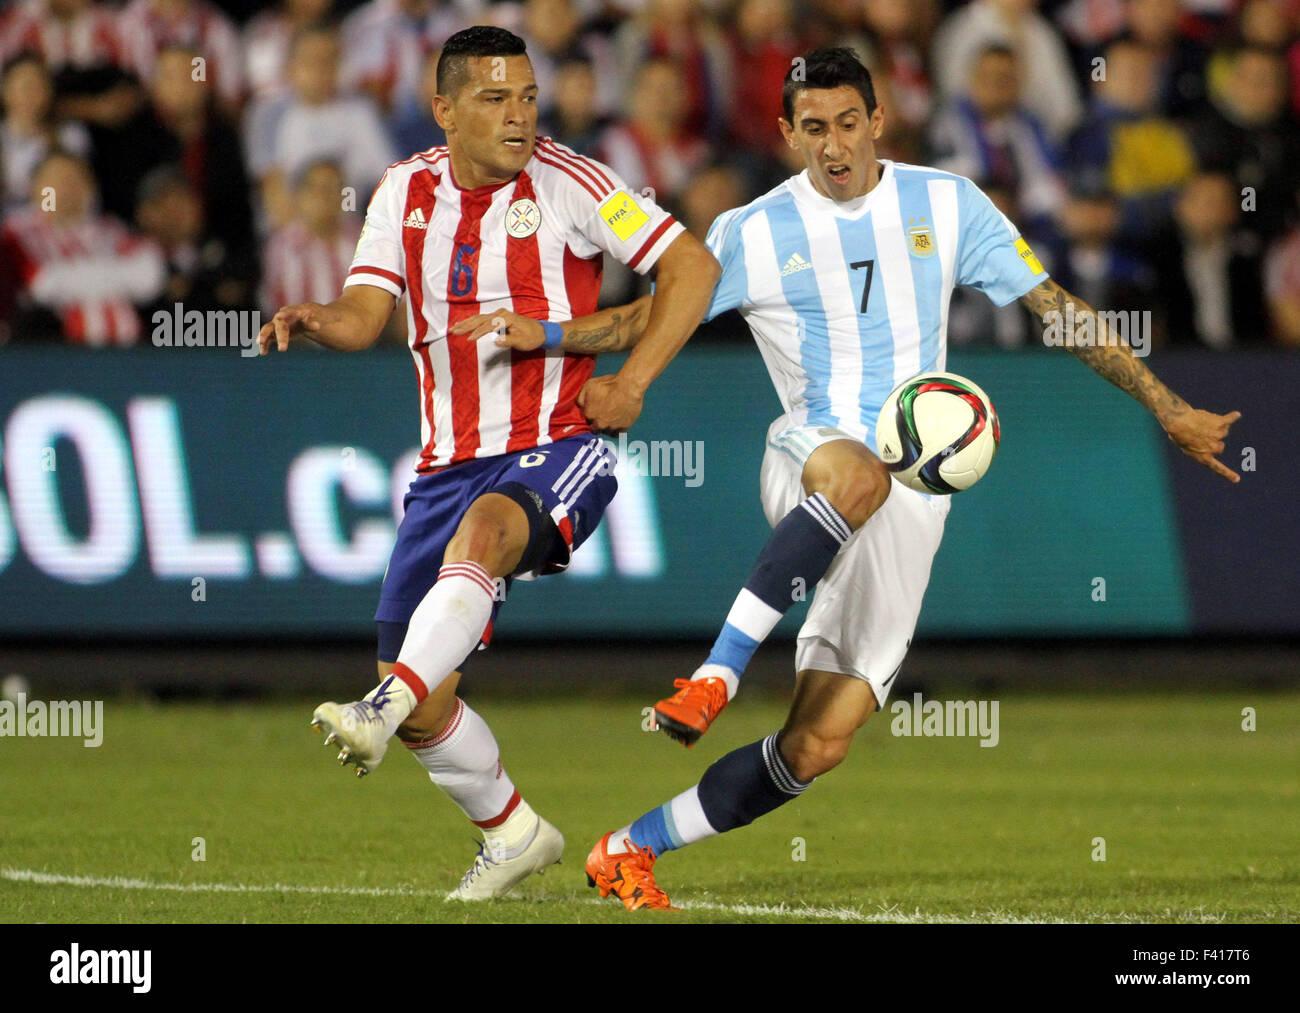 a34183916 Angel Di Maria(R) de Argentina compite con Samudio de Paraguay durante su  Ronda 1 Grupo 1 partido de Copa Mundial 2018 Eliminatorias Sudamericanas en  el ...